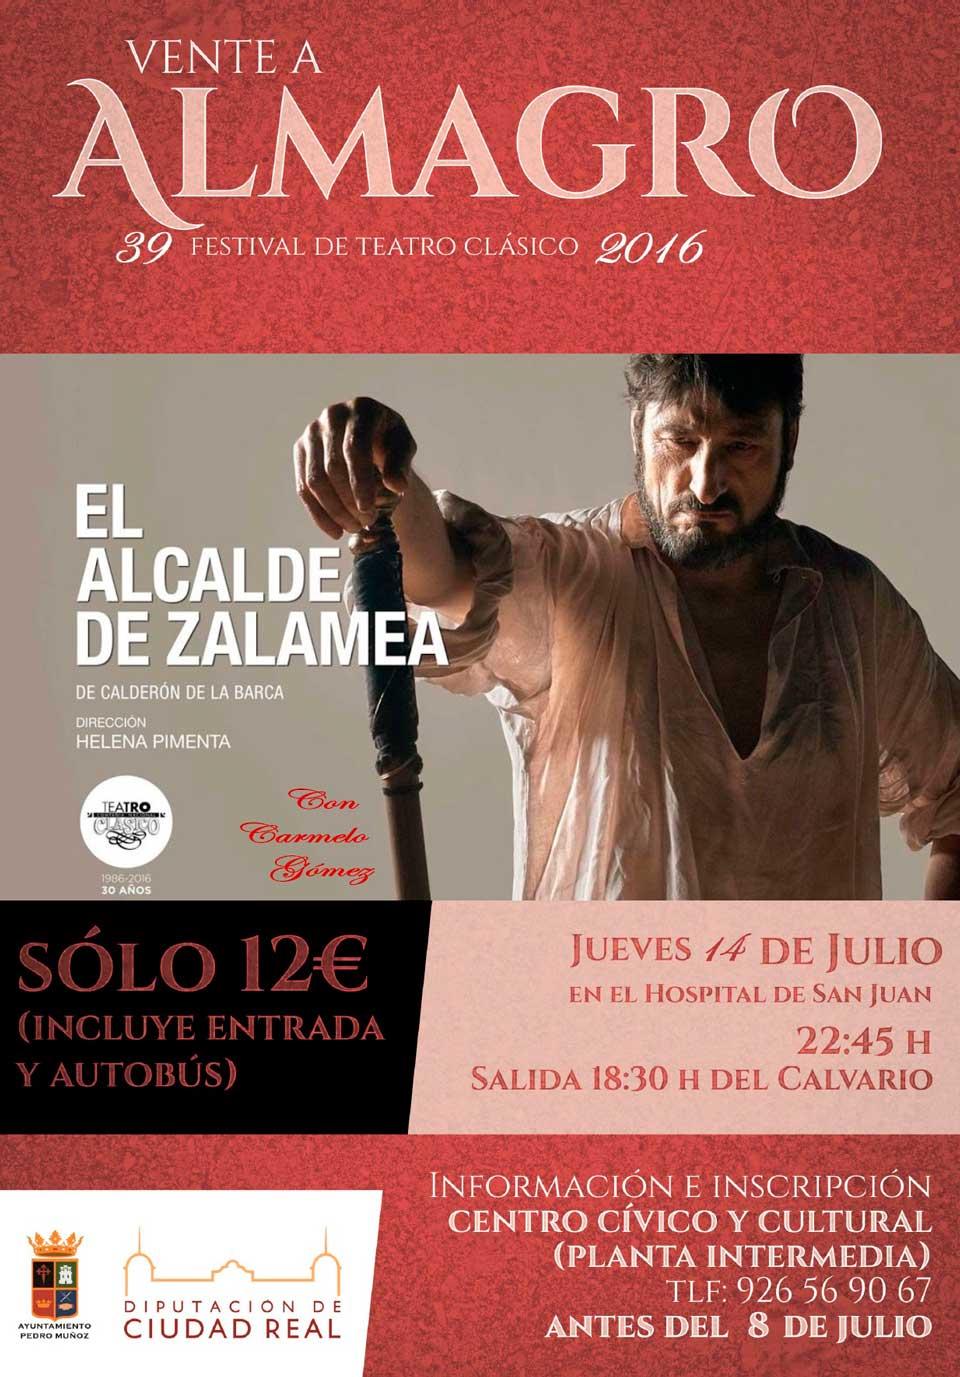 El jueves 14 de julio en Almagro, dentro de la trigésimo novena edición del Festival Internacional de Teatro Clásico